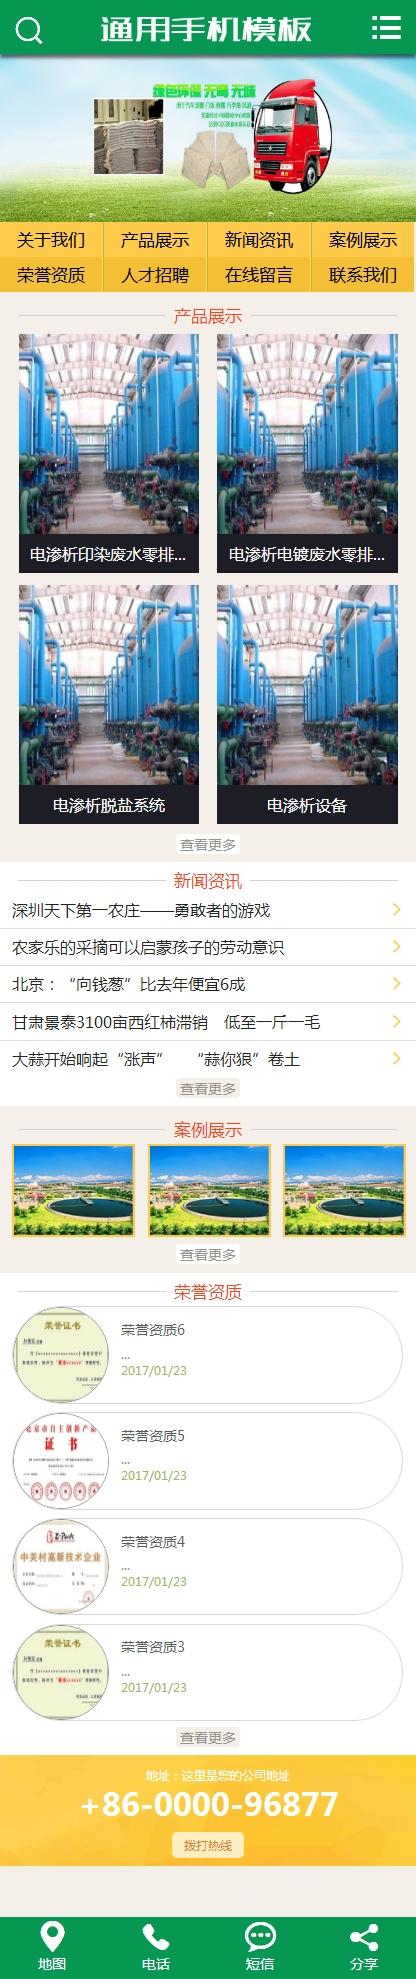 环保汽车顶棚门板设备网站类织梦模板(带手机端